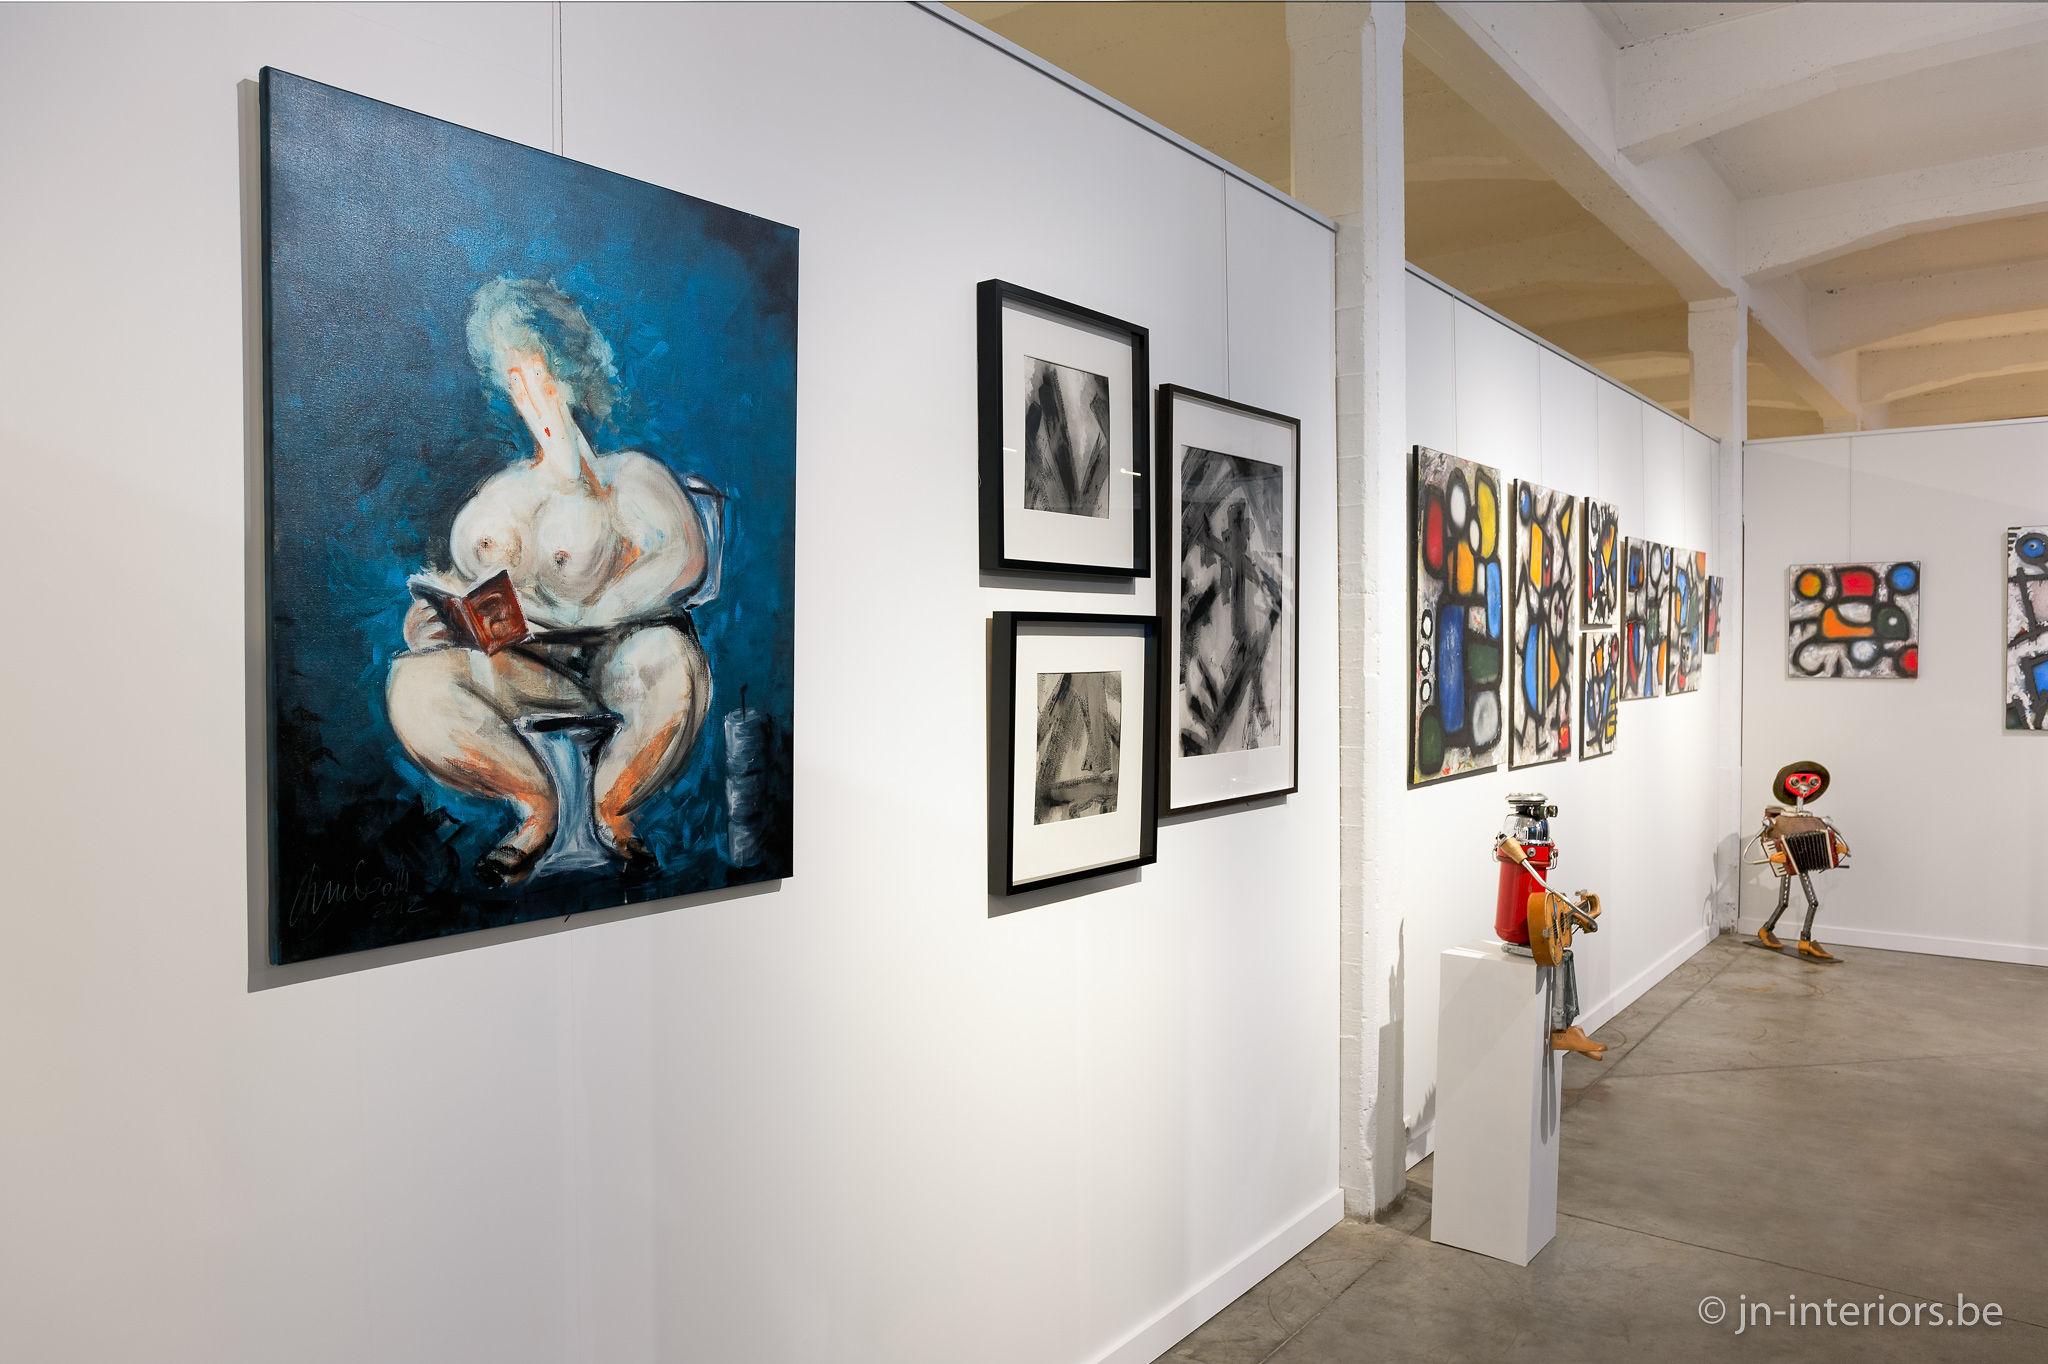 tableaux artistes belges, sculpture robots musique, galerie d'art, magasin de décoration belgique, vernissage, jn interiors, jour et nuit liège verviers